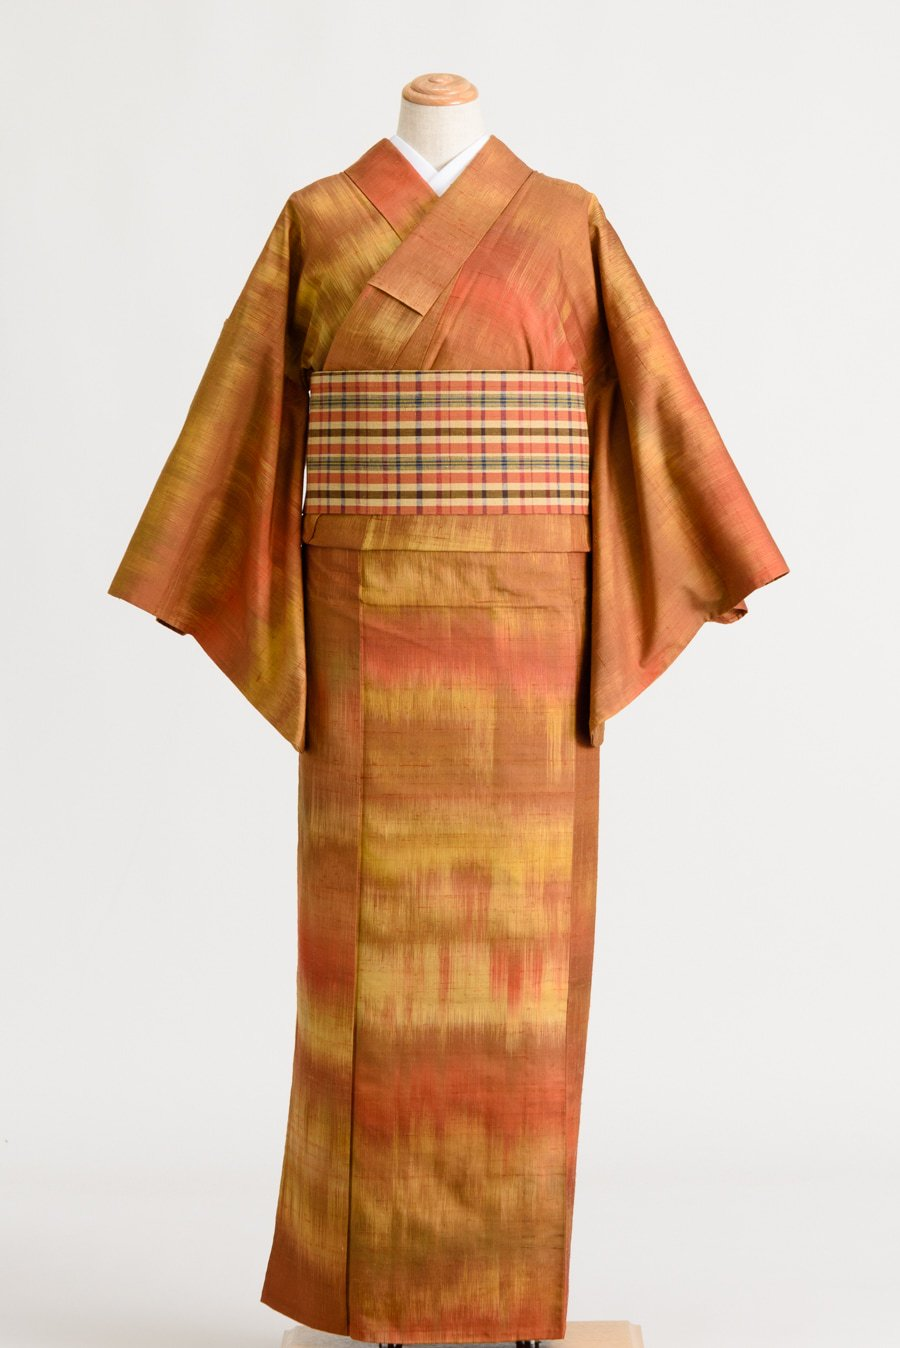 「単衣 紬 赤茶横段グラデーション」の商品画像